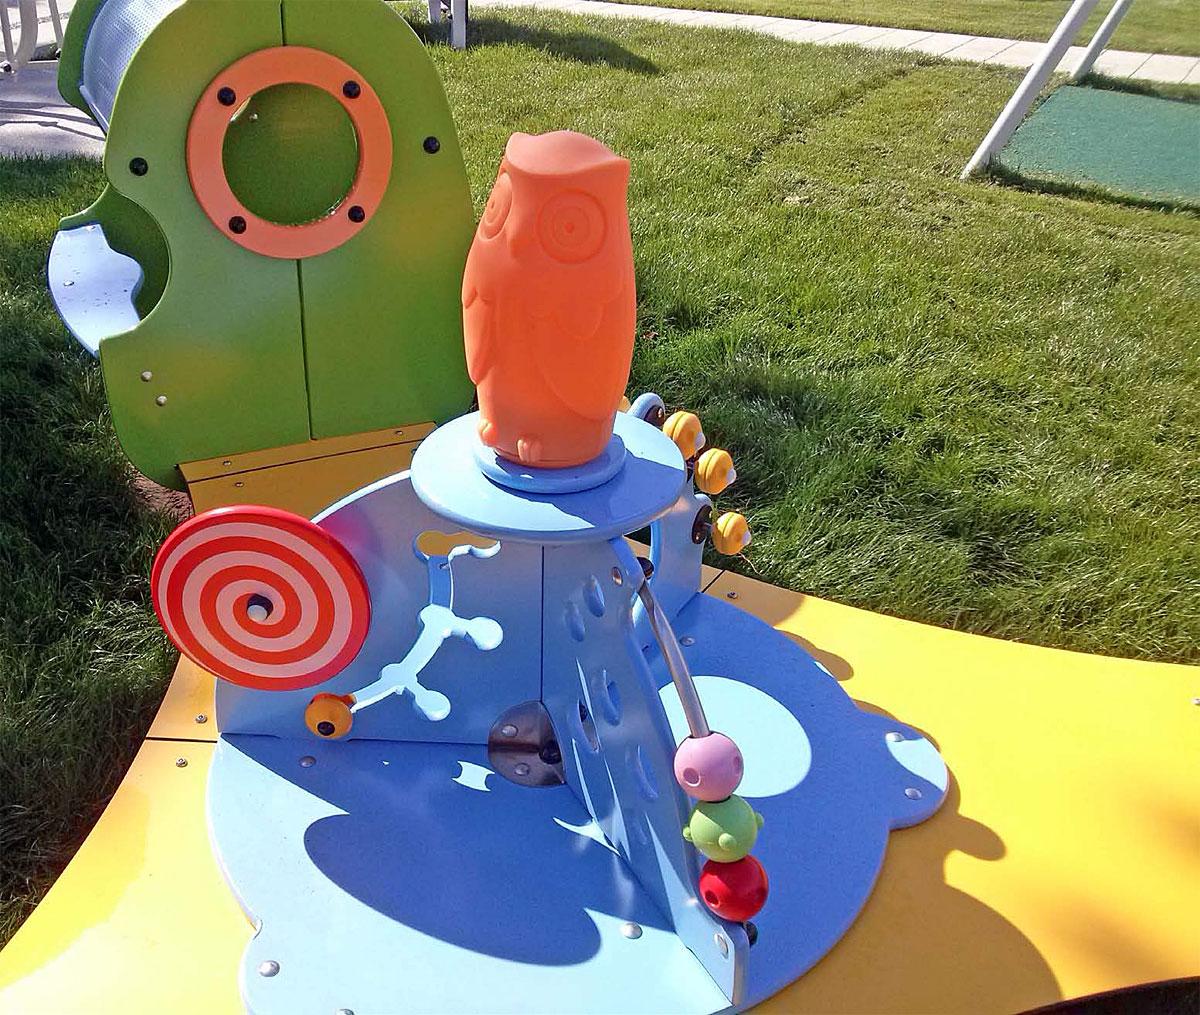 Plac zabaw dla dzieci - nawierzchnia trawiasta. Fot: Educarium